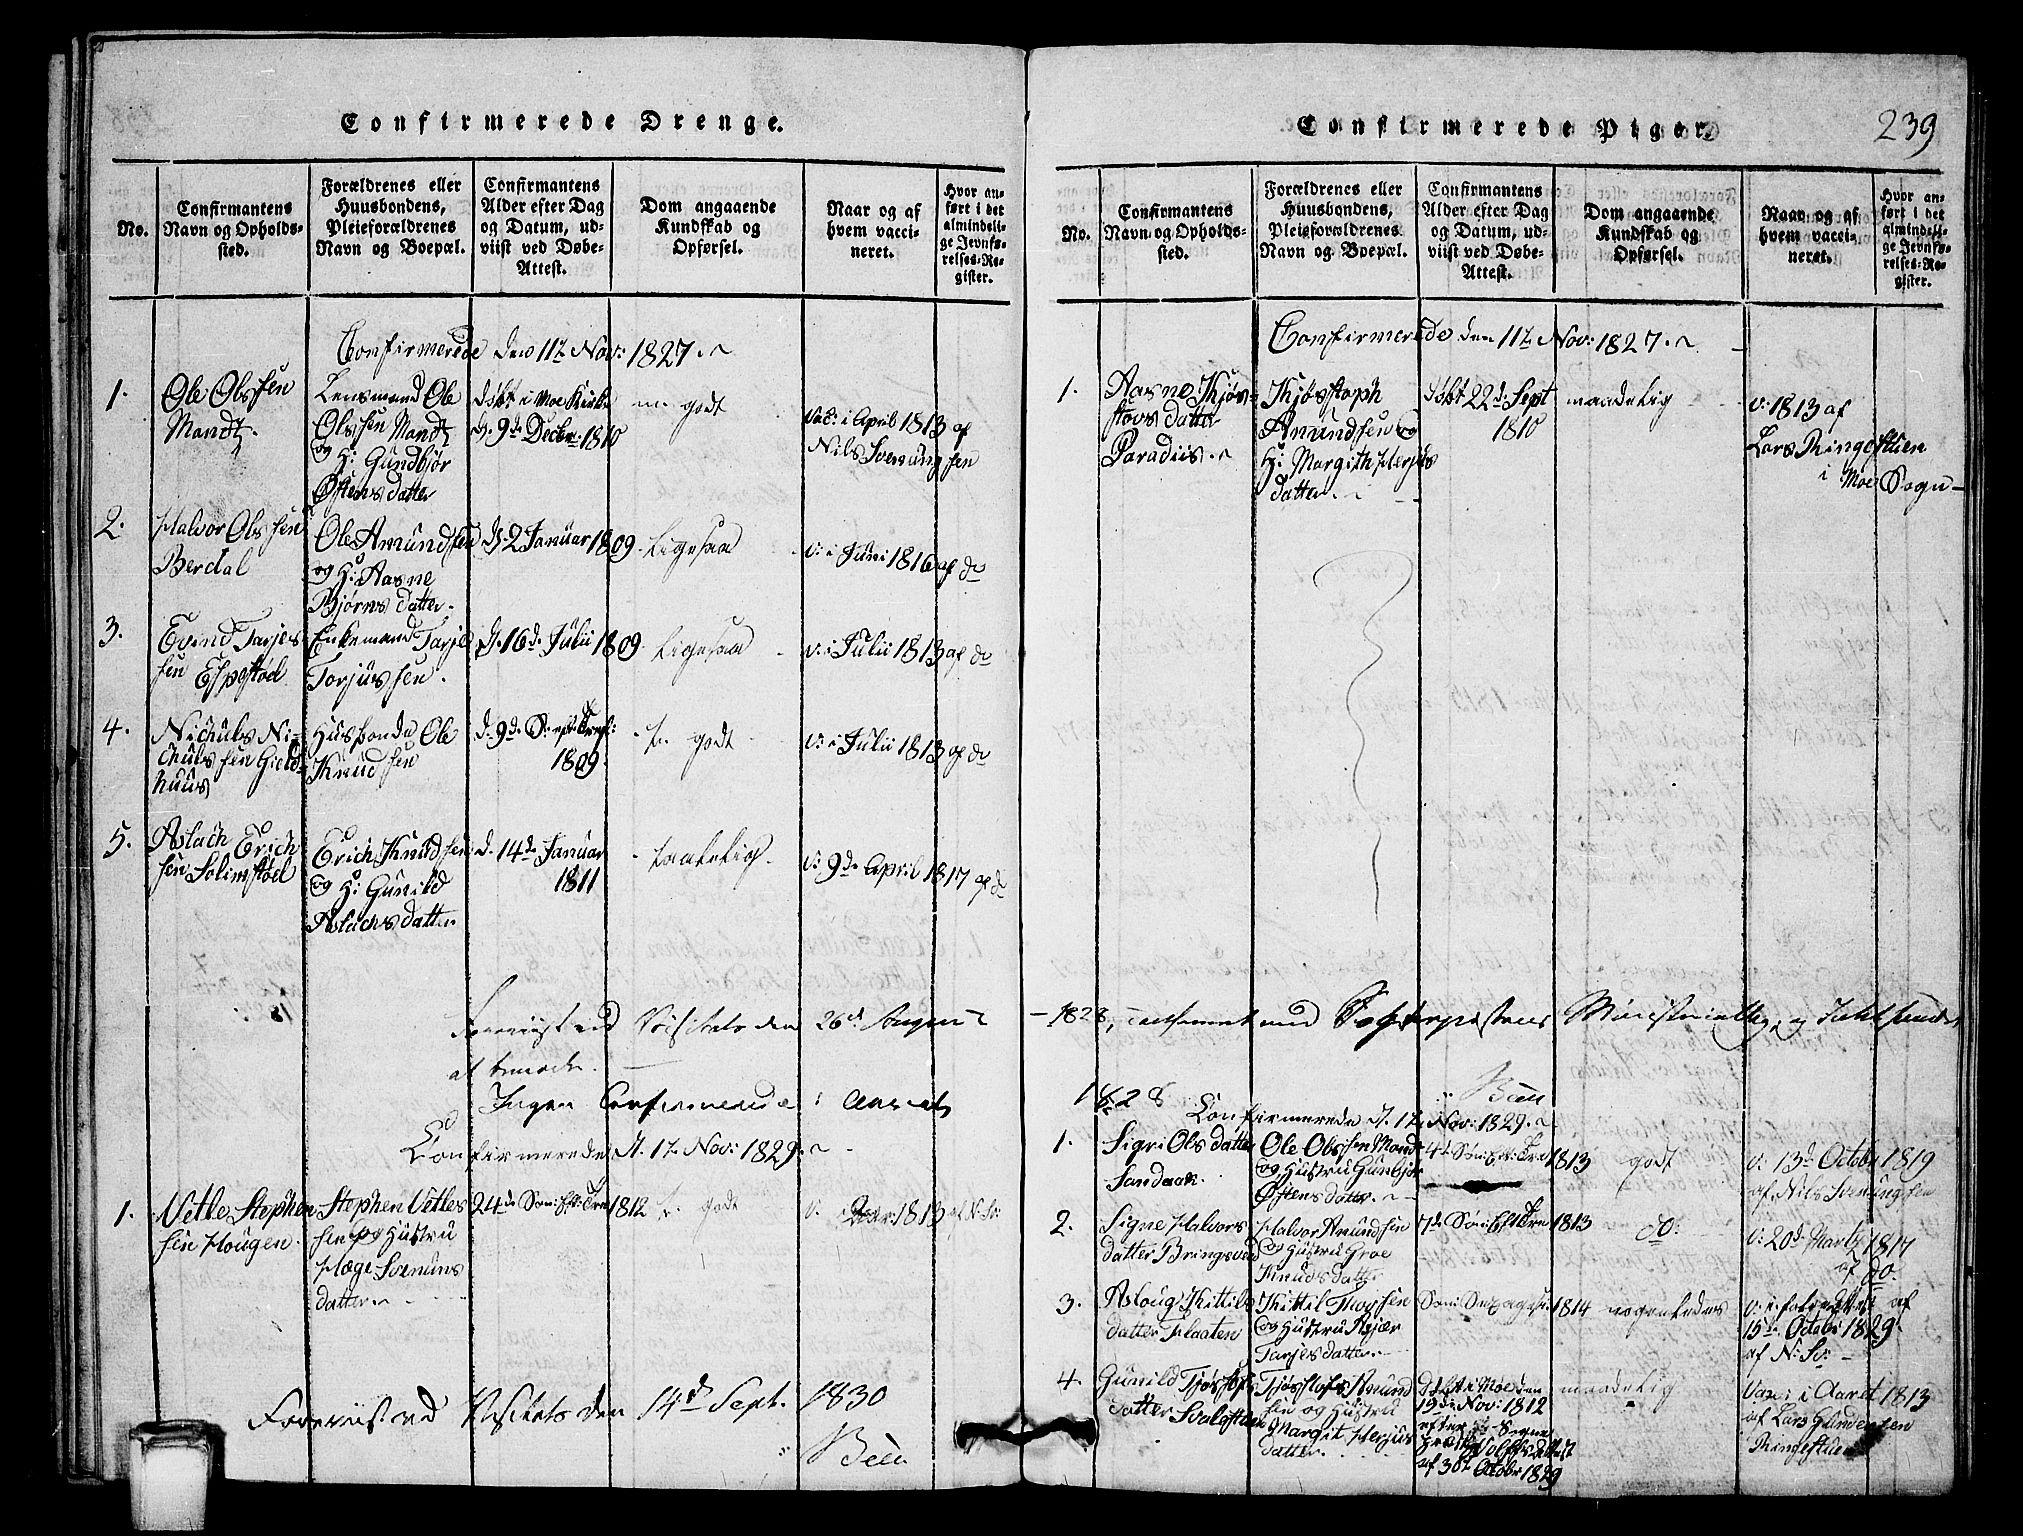 SAKO, Vinje kirkebøker, G/Gb/L0001: Klokkerbok nr. II 1, 1814-1843, s. 239